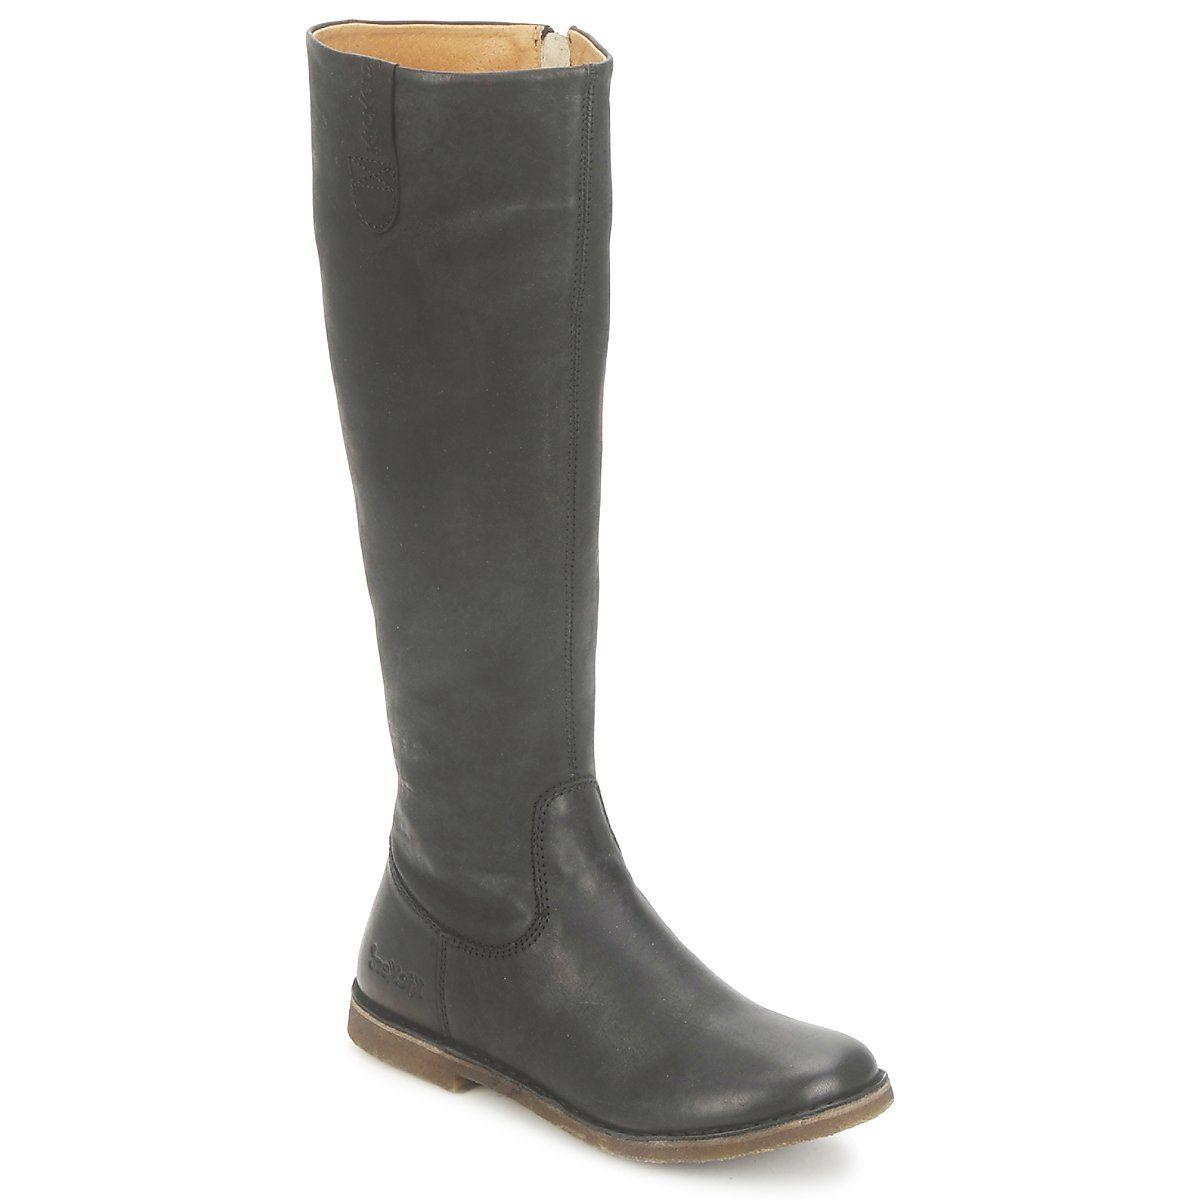 27c64d5febd Botte ville Kickers CREDO NOIR MAT - Livraison Gratuite avec Spartoo.com !  - Chaussures Femme 179